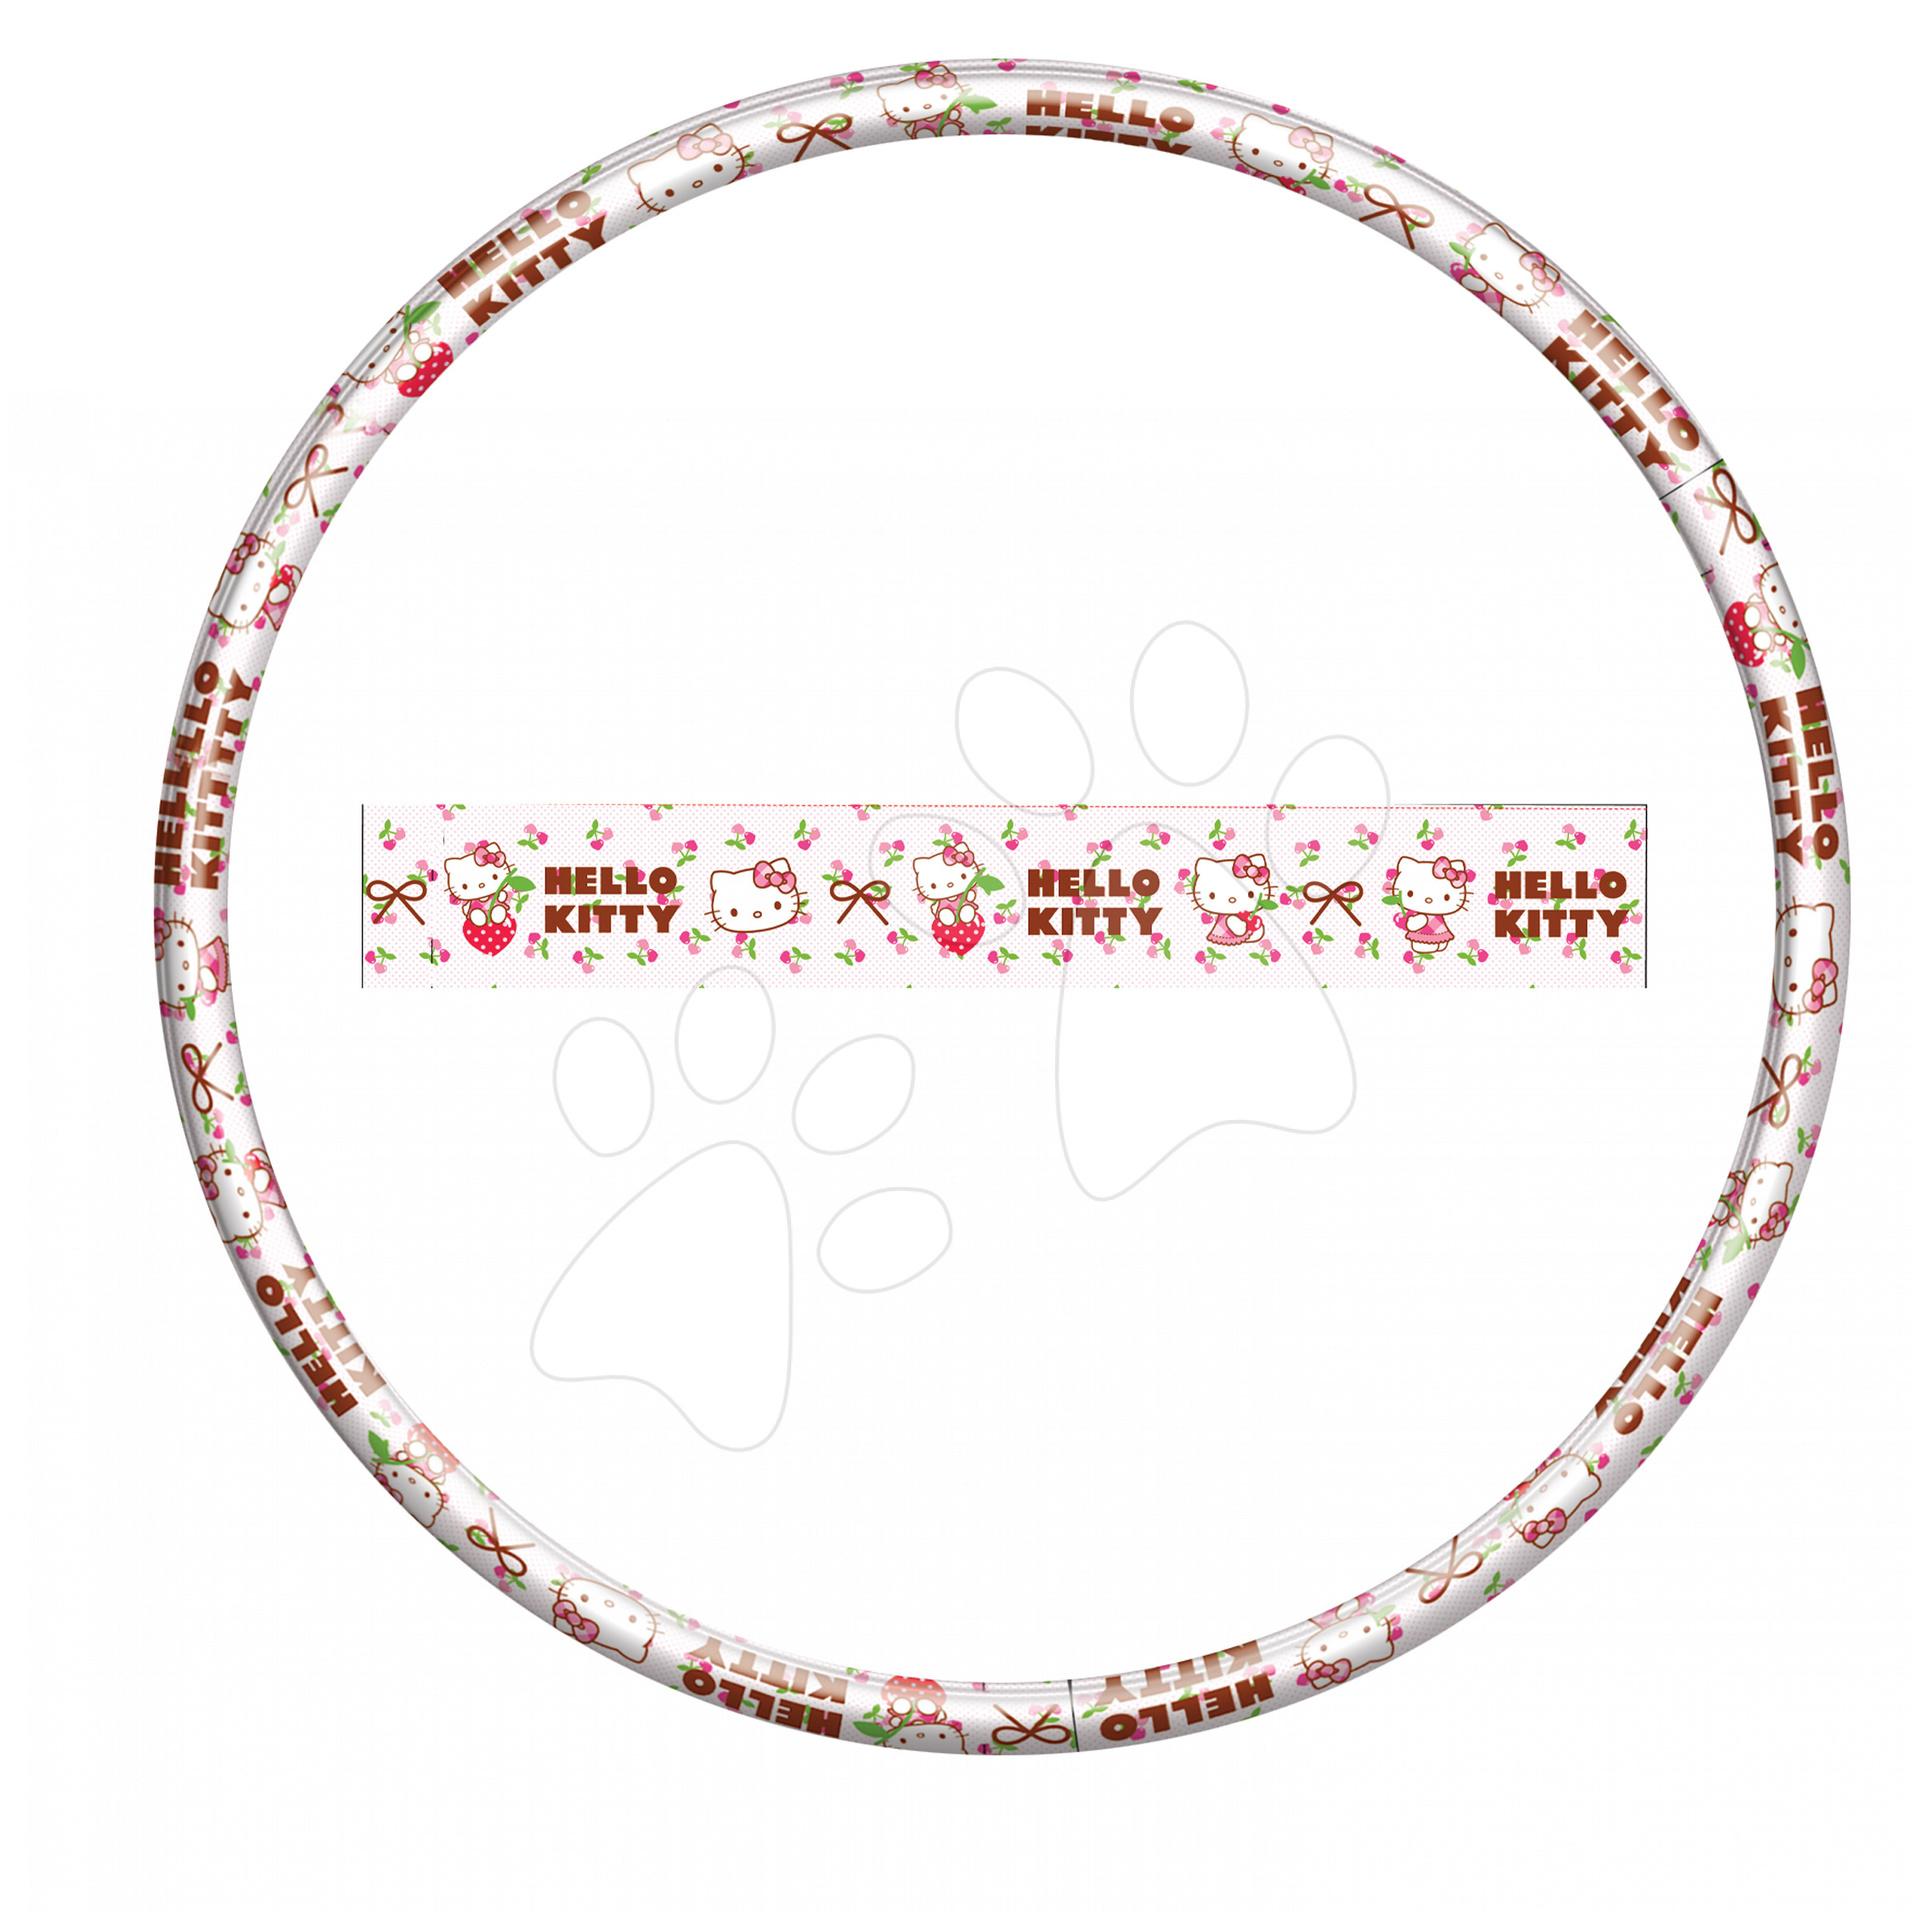 Kruh na cvičení Hello Kitty Hula Hoop Mondo průměr 80 cm